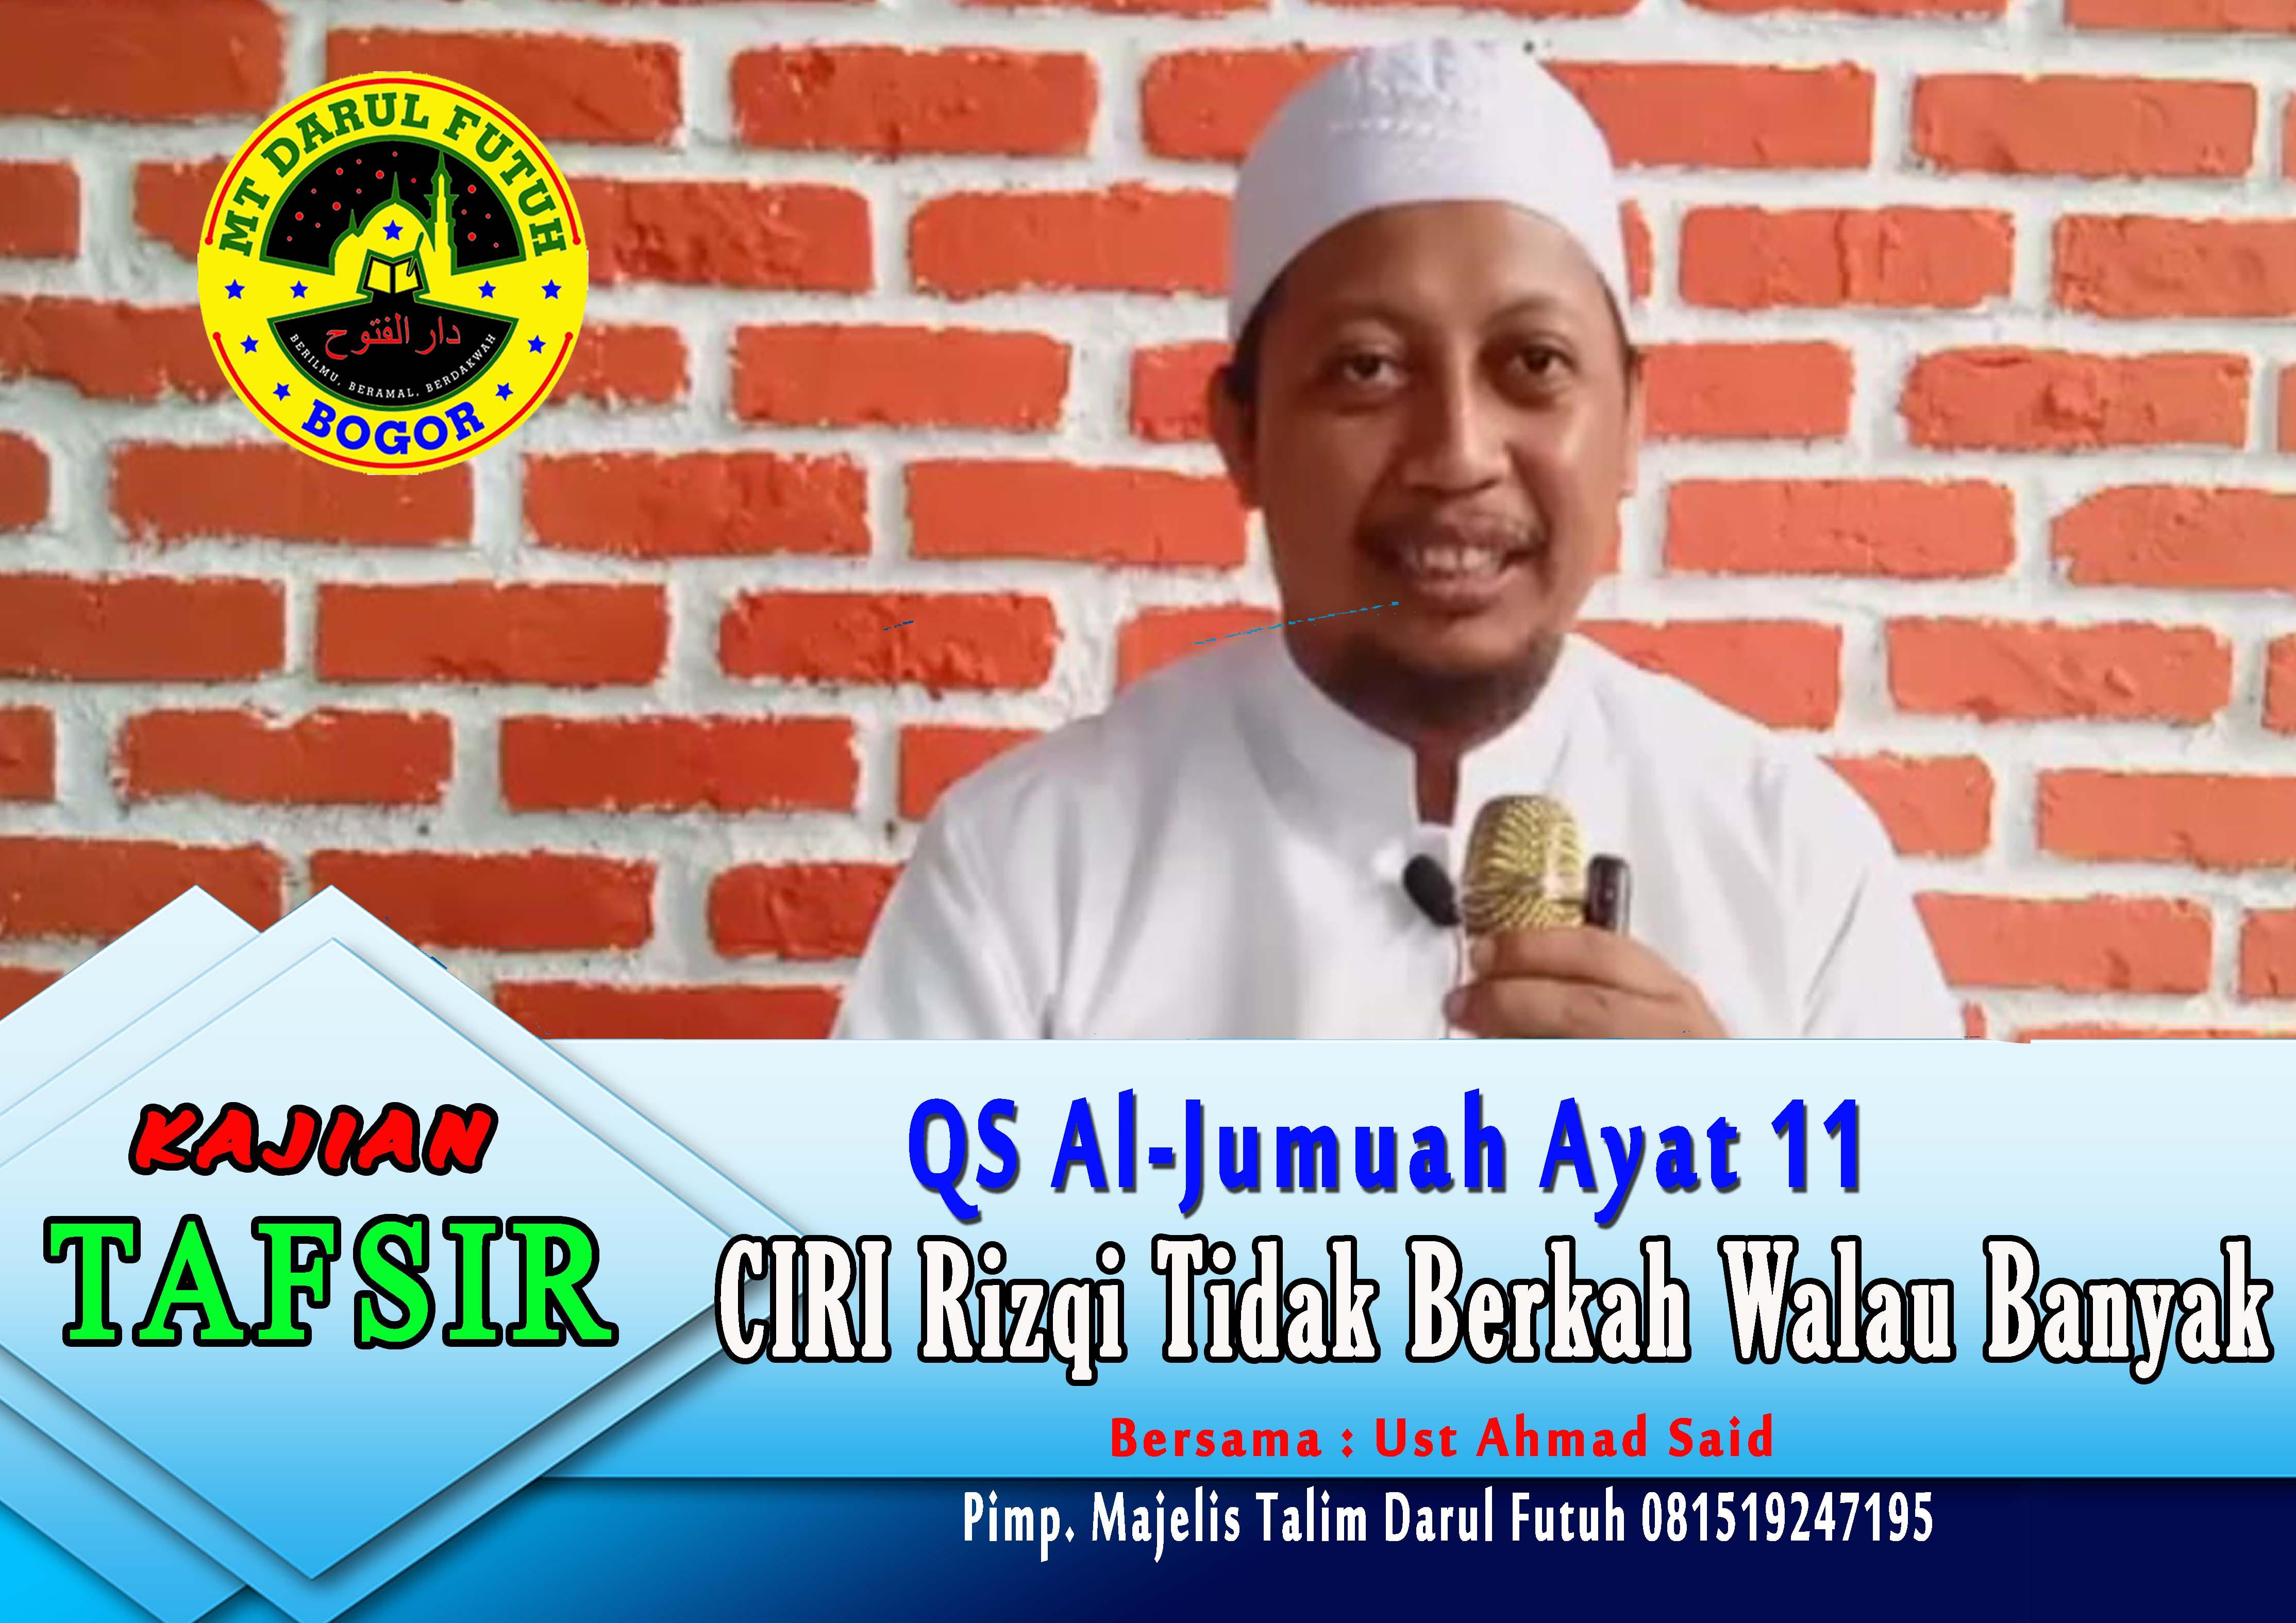 Kenapa Rizqi tidak berkah walau pun Banyak – Rabu 09 Agustus 2017 TAFSIR QS Al Jumu'ah ayat 11